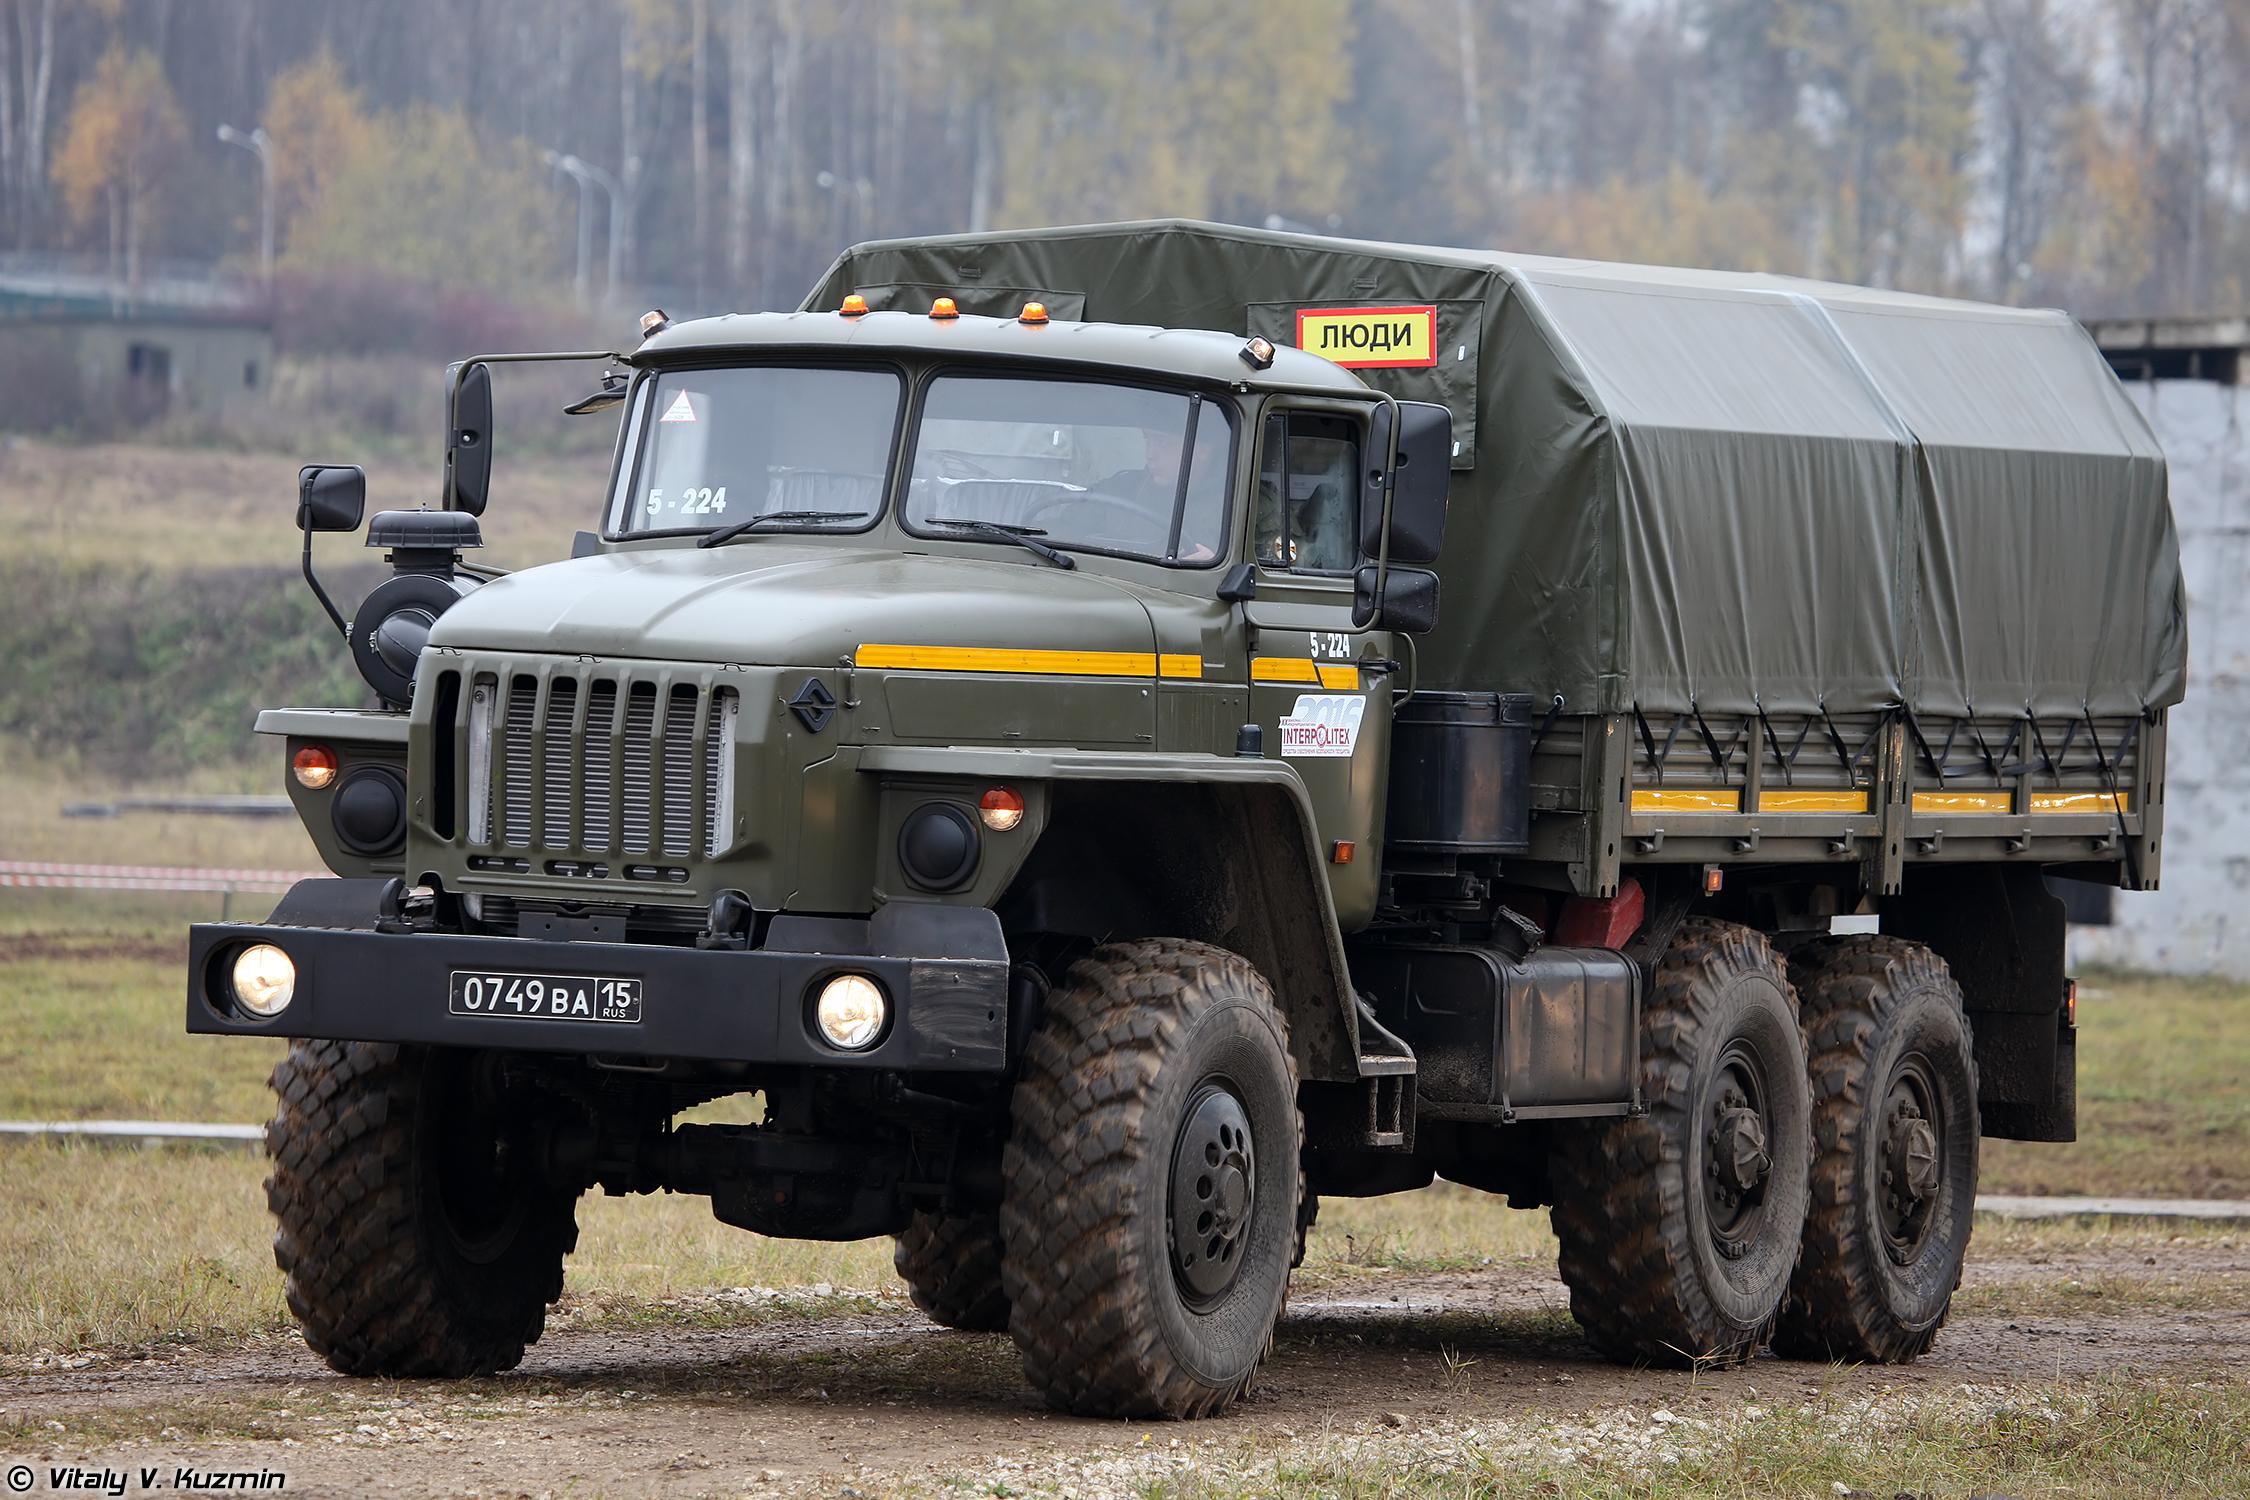 Ural Trucks: Specifications